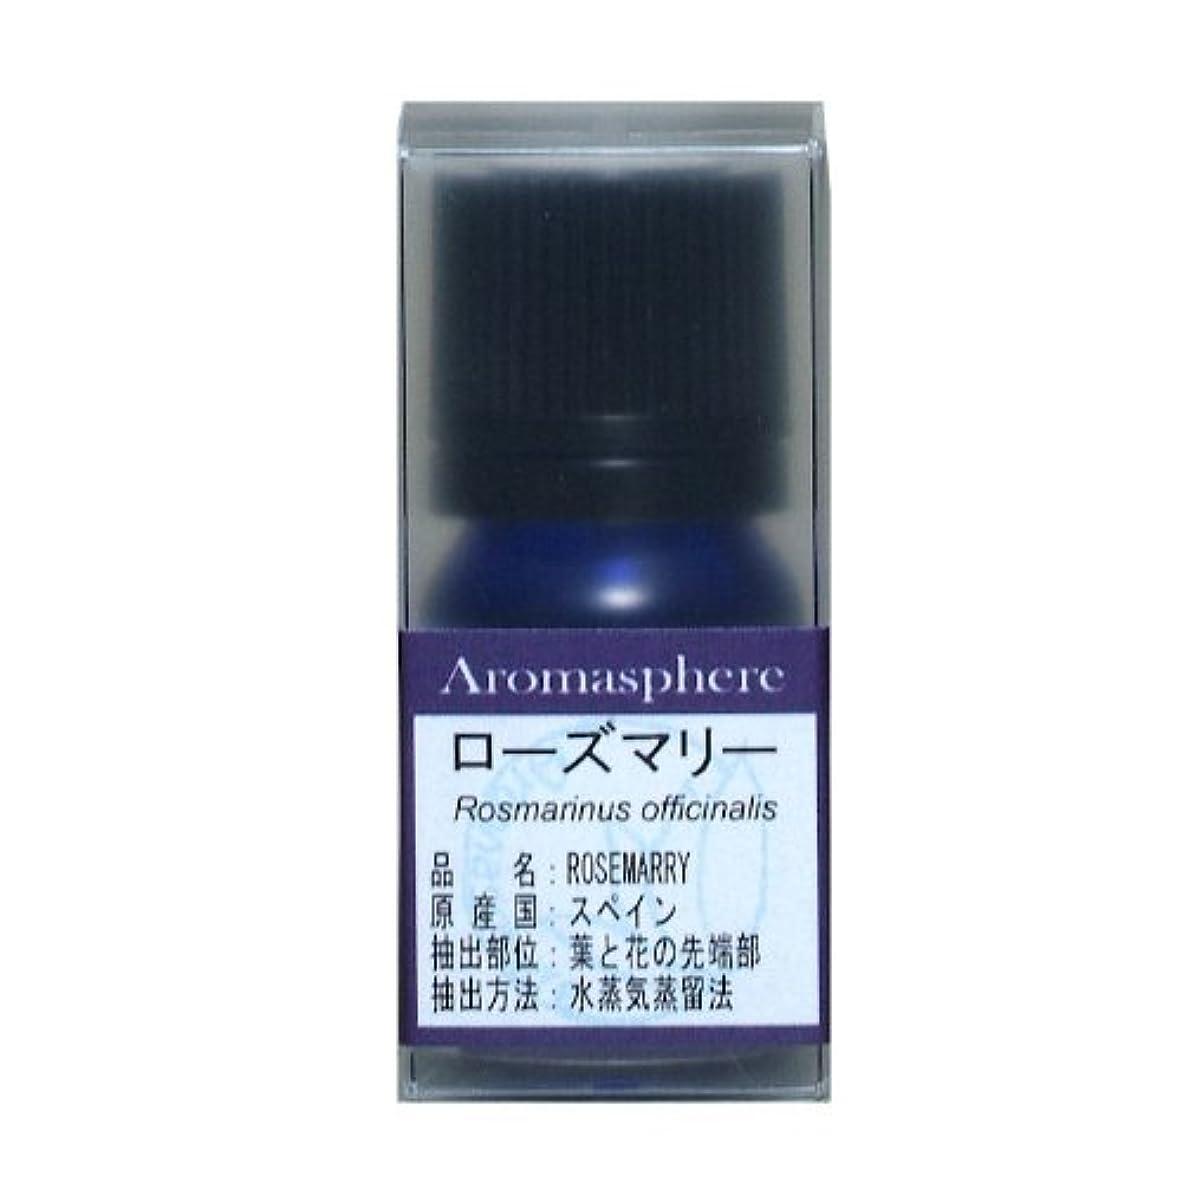 怠感登録好戦的な【アロマスフィア】ローズマリー 5ml エッセンシャルオイル(精油)